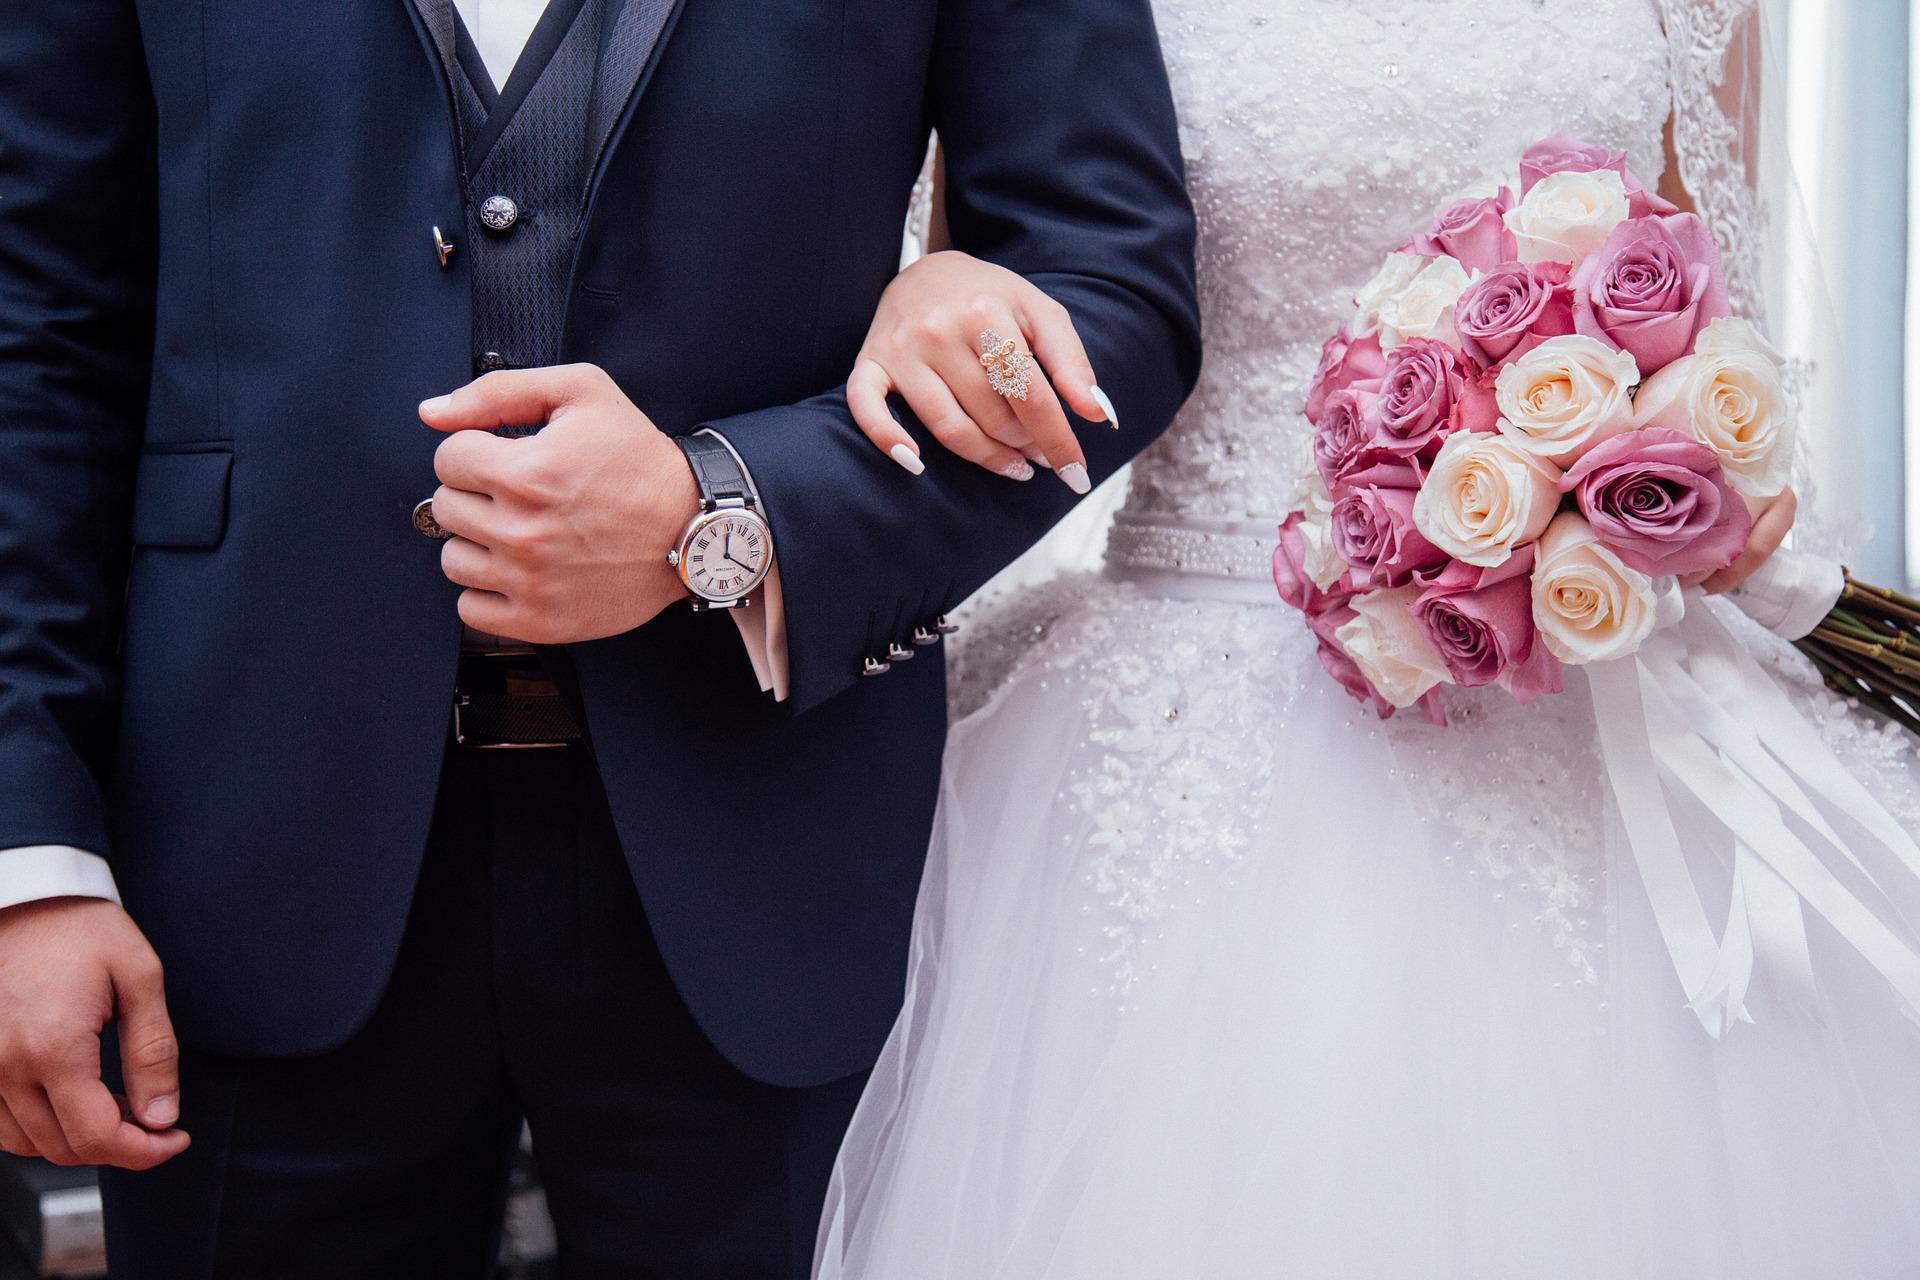 Що не можна дарувати на весілля: підбираємо подарунок молодятам